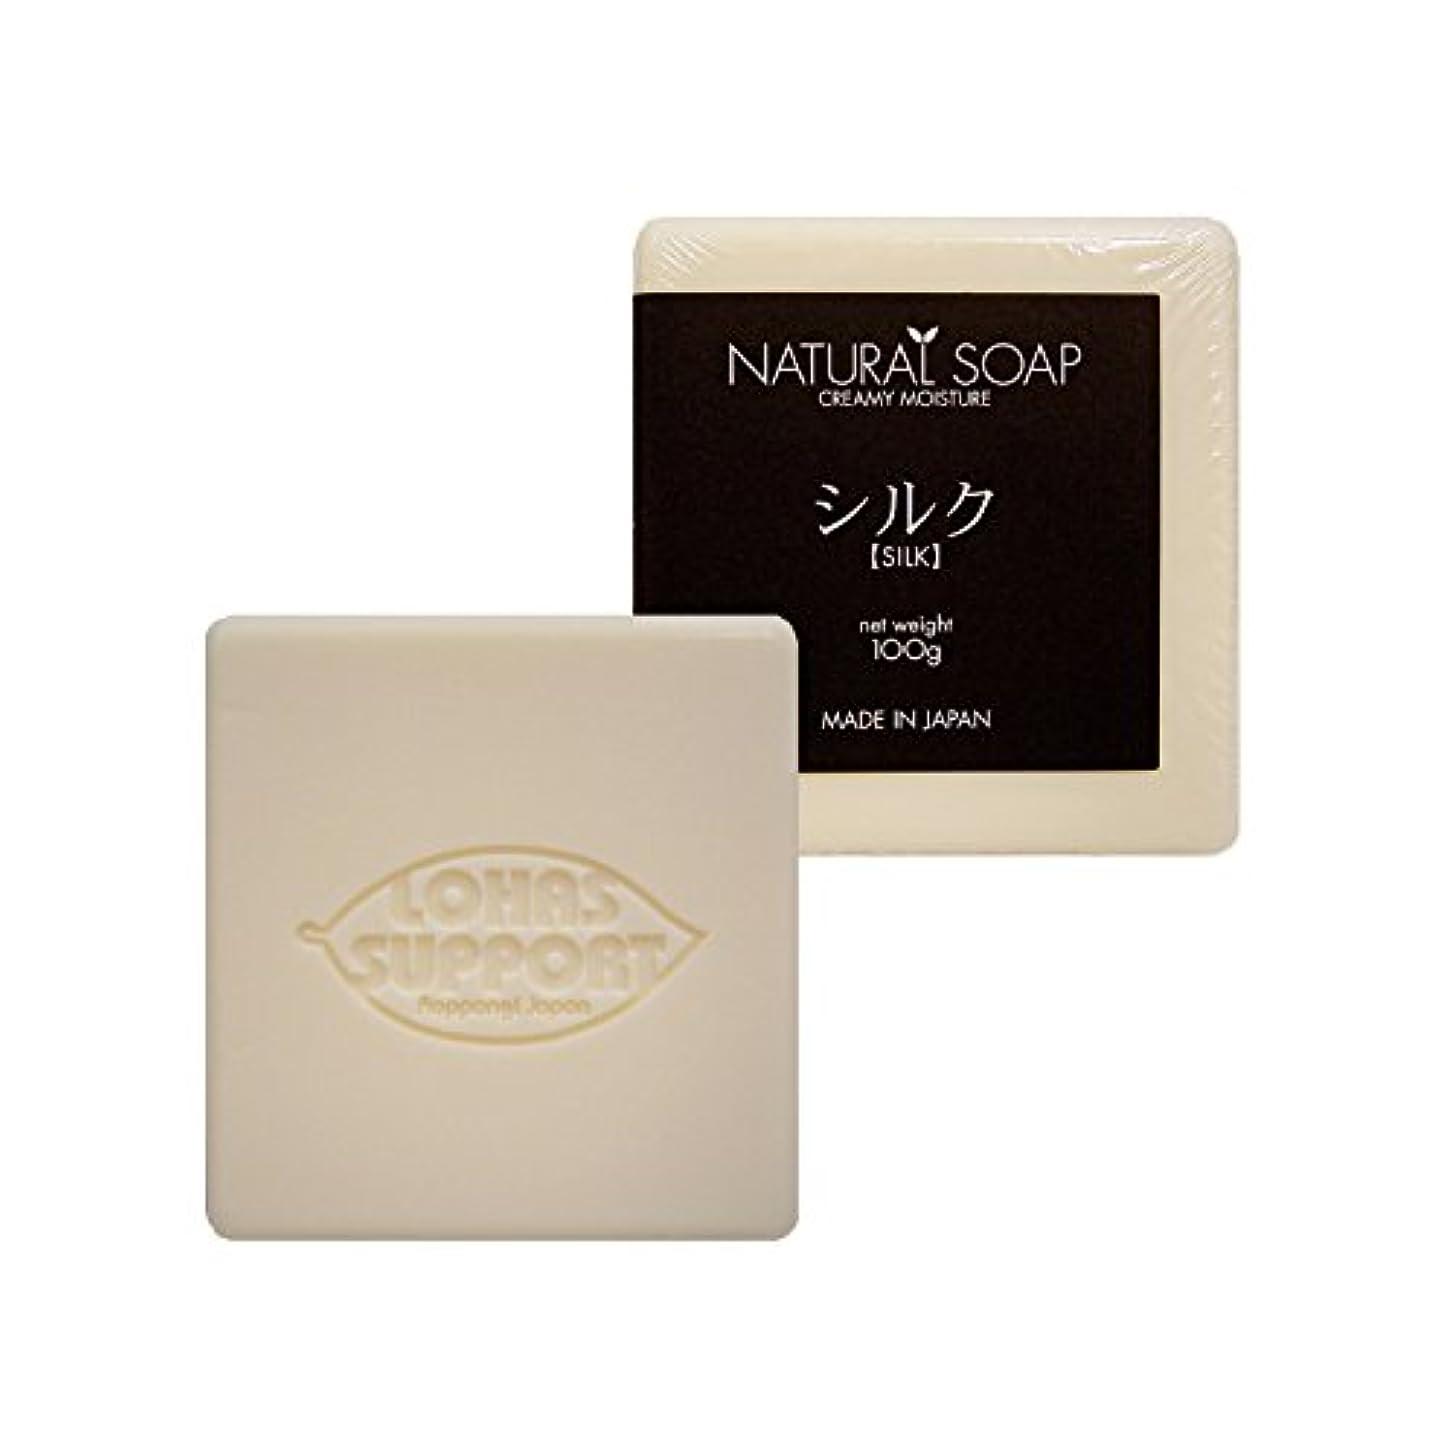 スパーク有彩色の特別にNATURAL SOAP